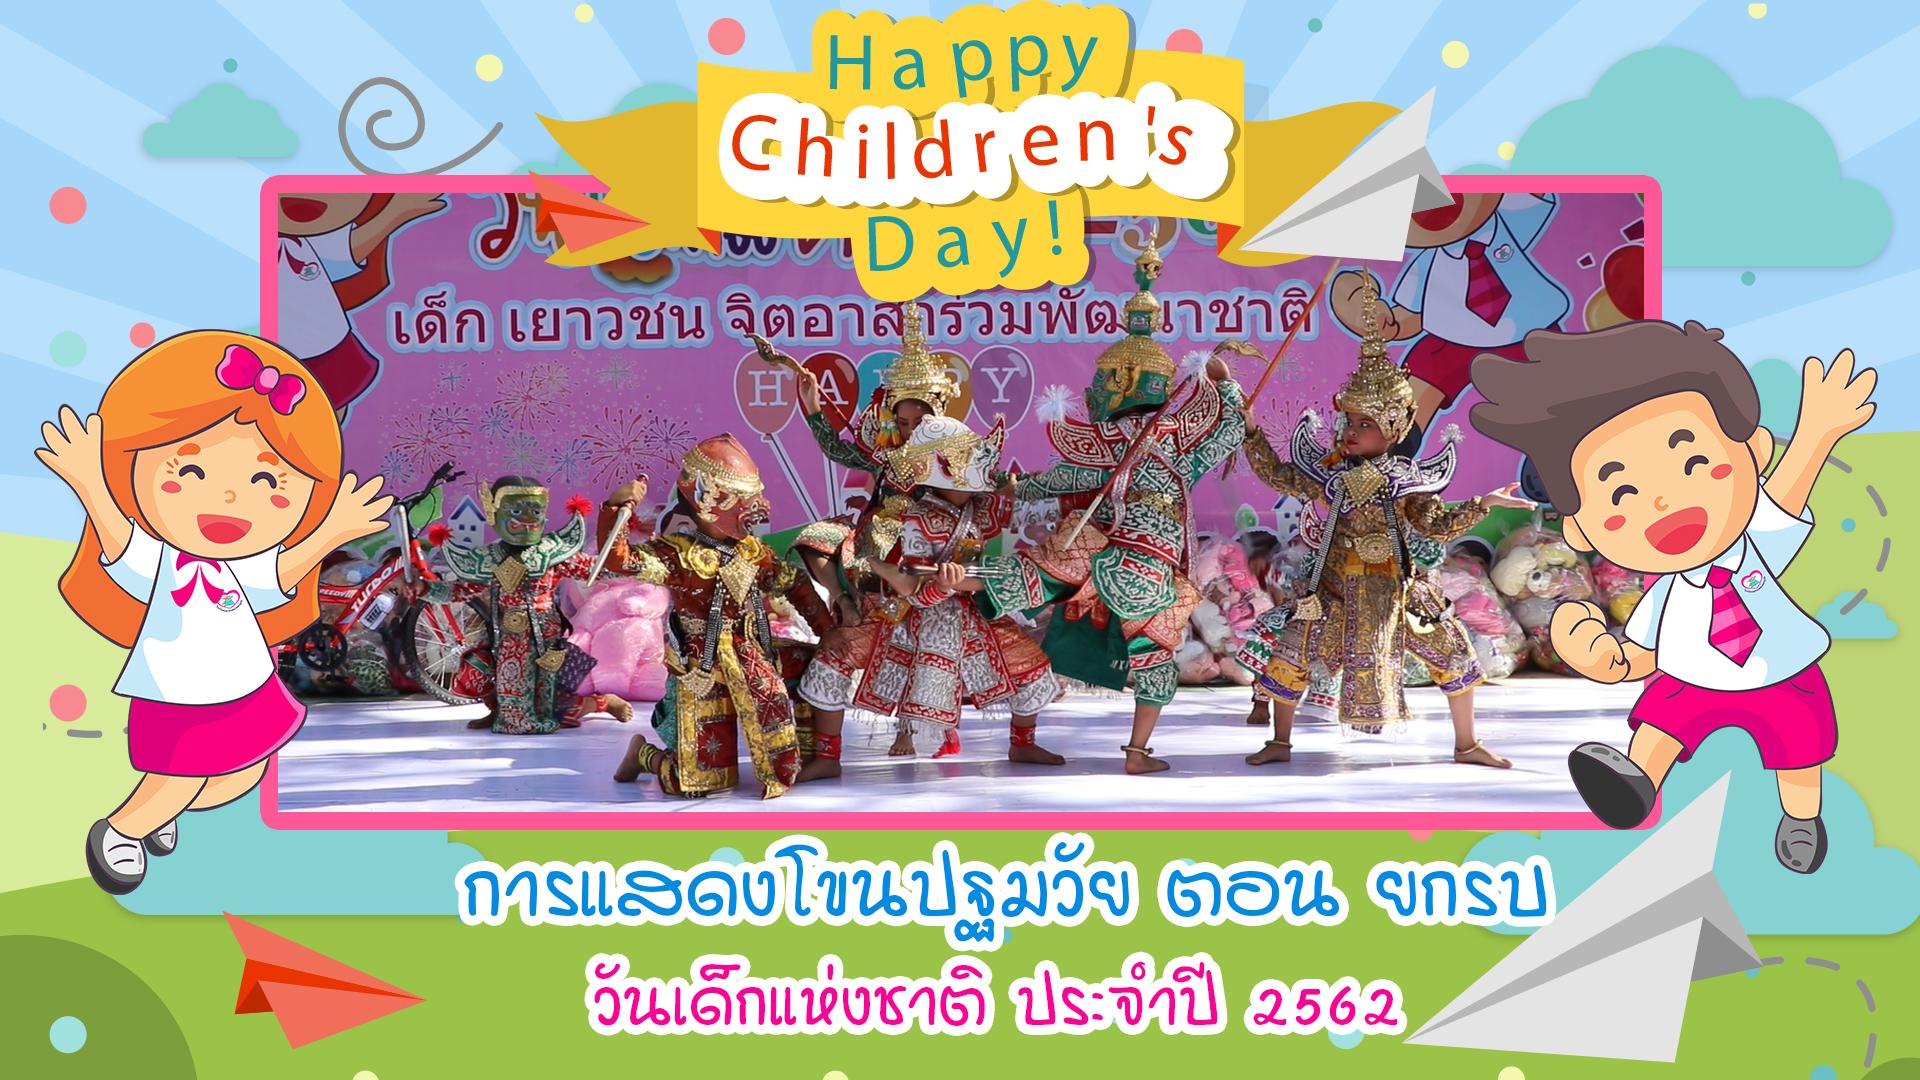 การแสดงโขนปฐมวัย ตอน ยกรบ กิจกรรมวันเด็กแห่งชาติ ประจำปี 2562